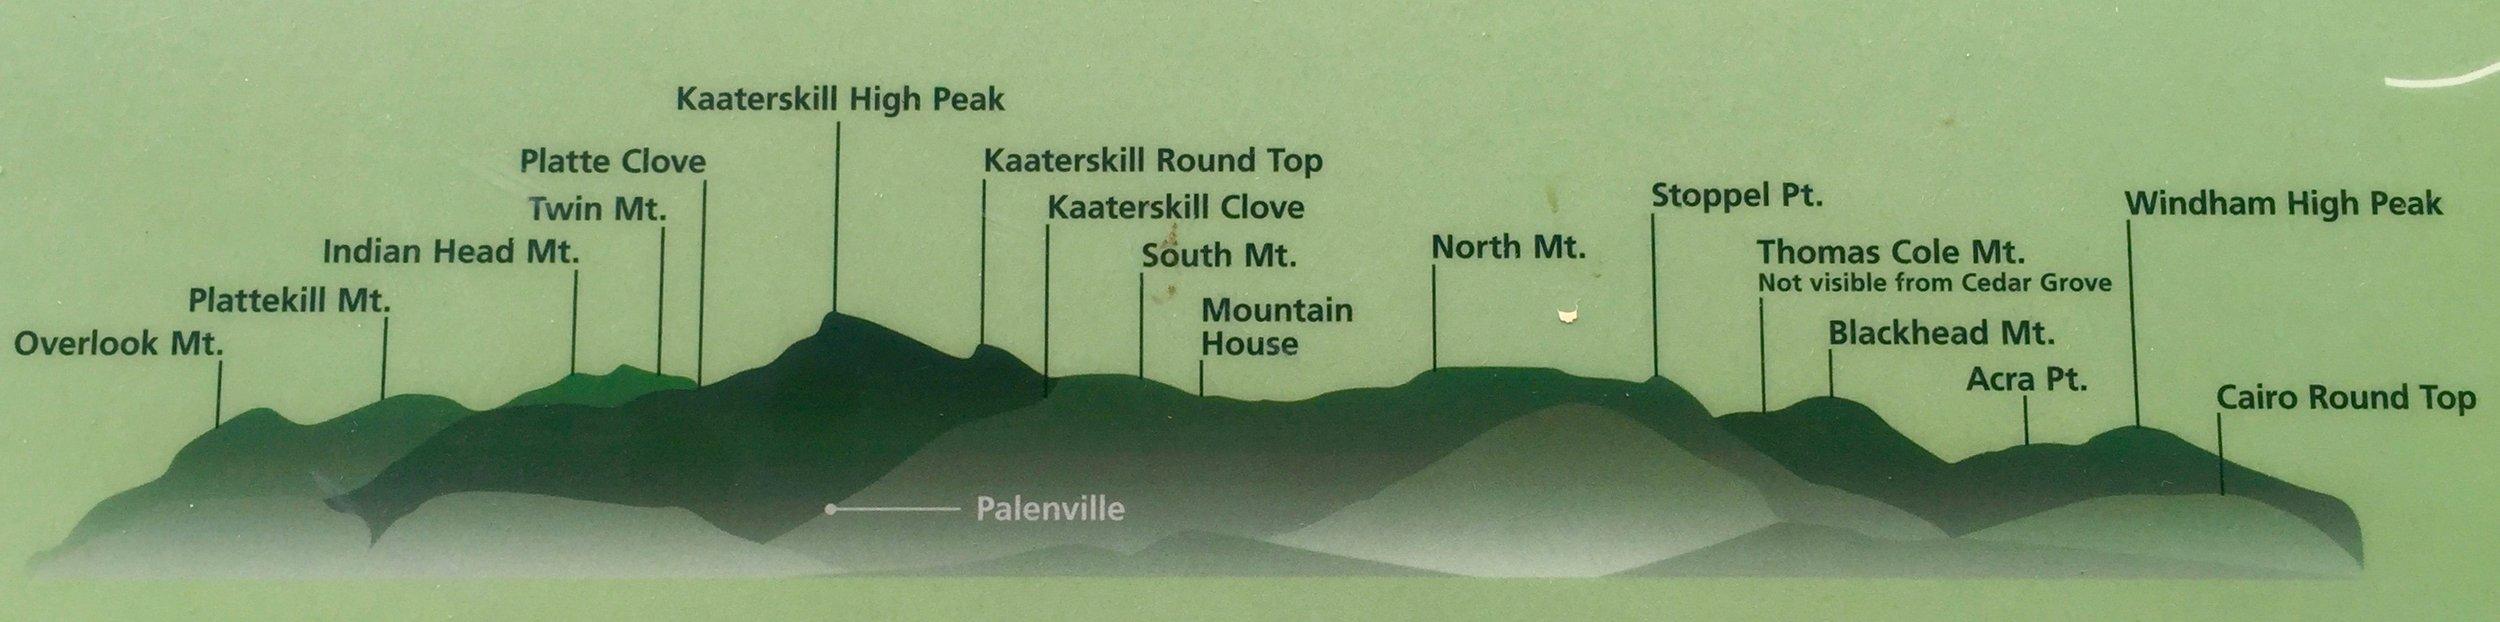 map of catskill mountains